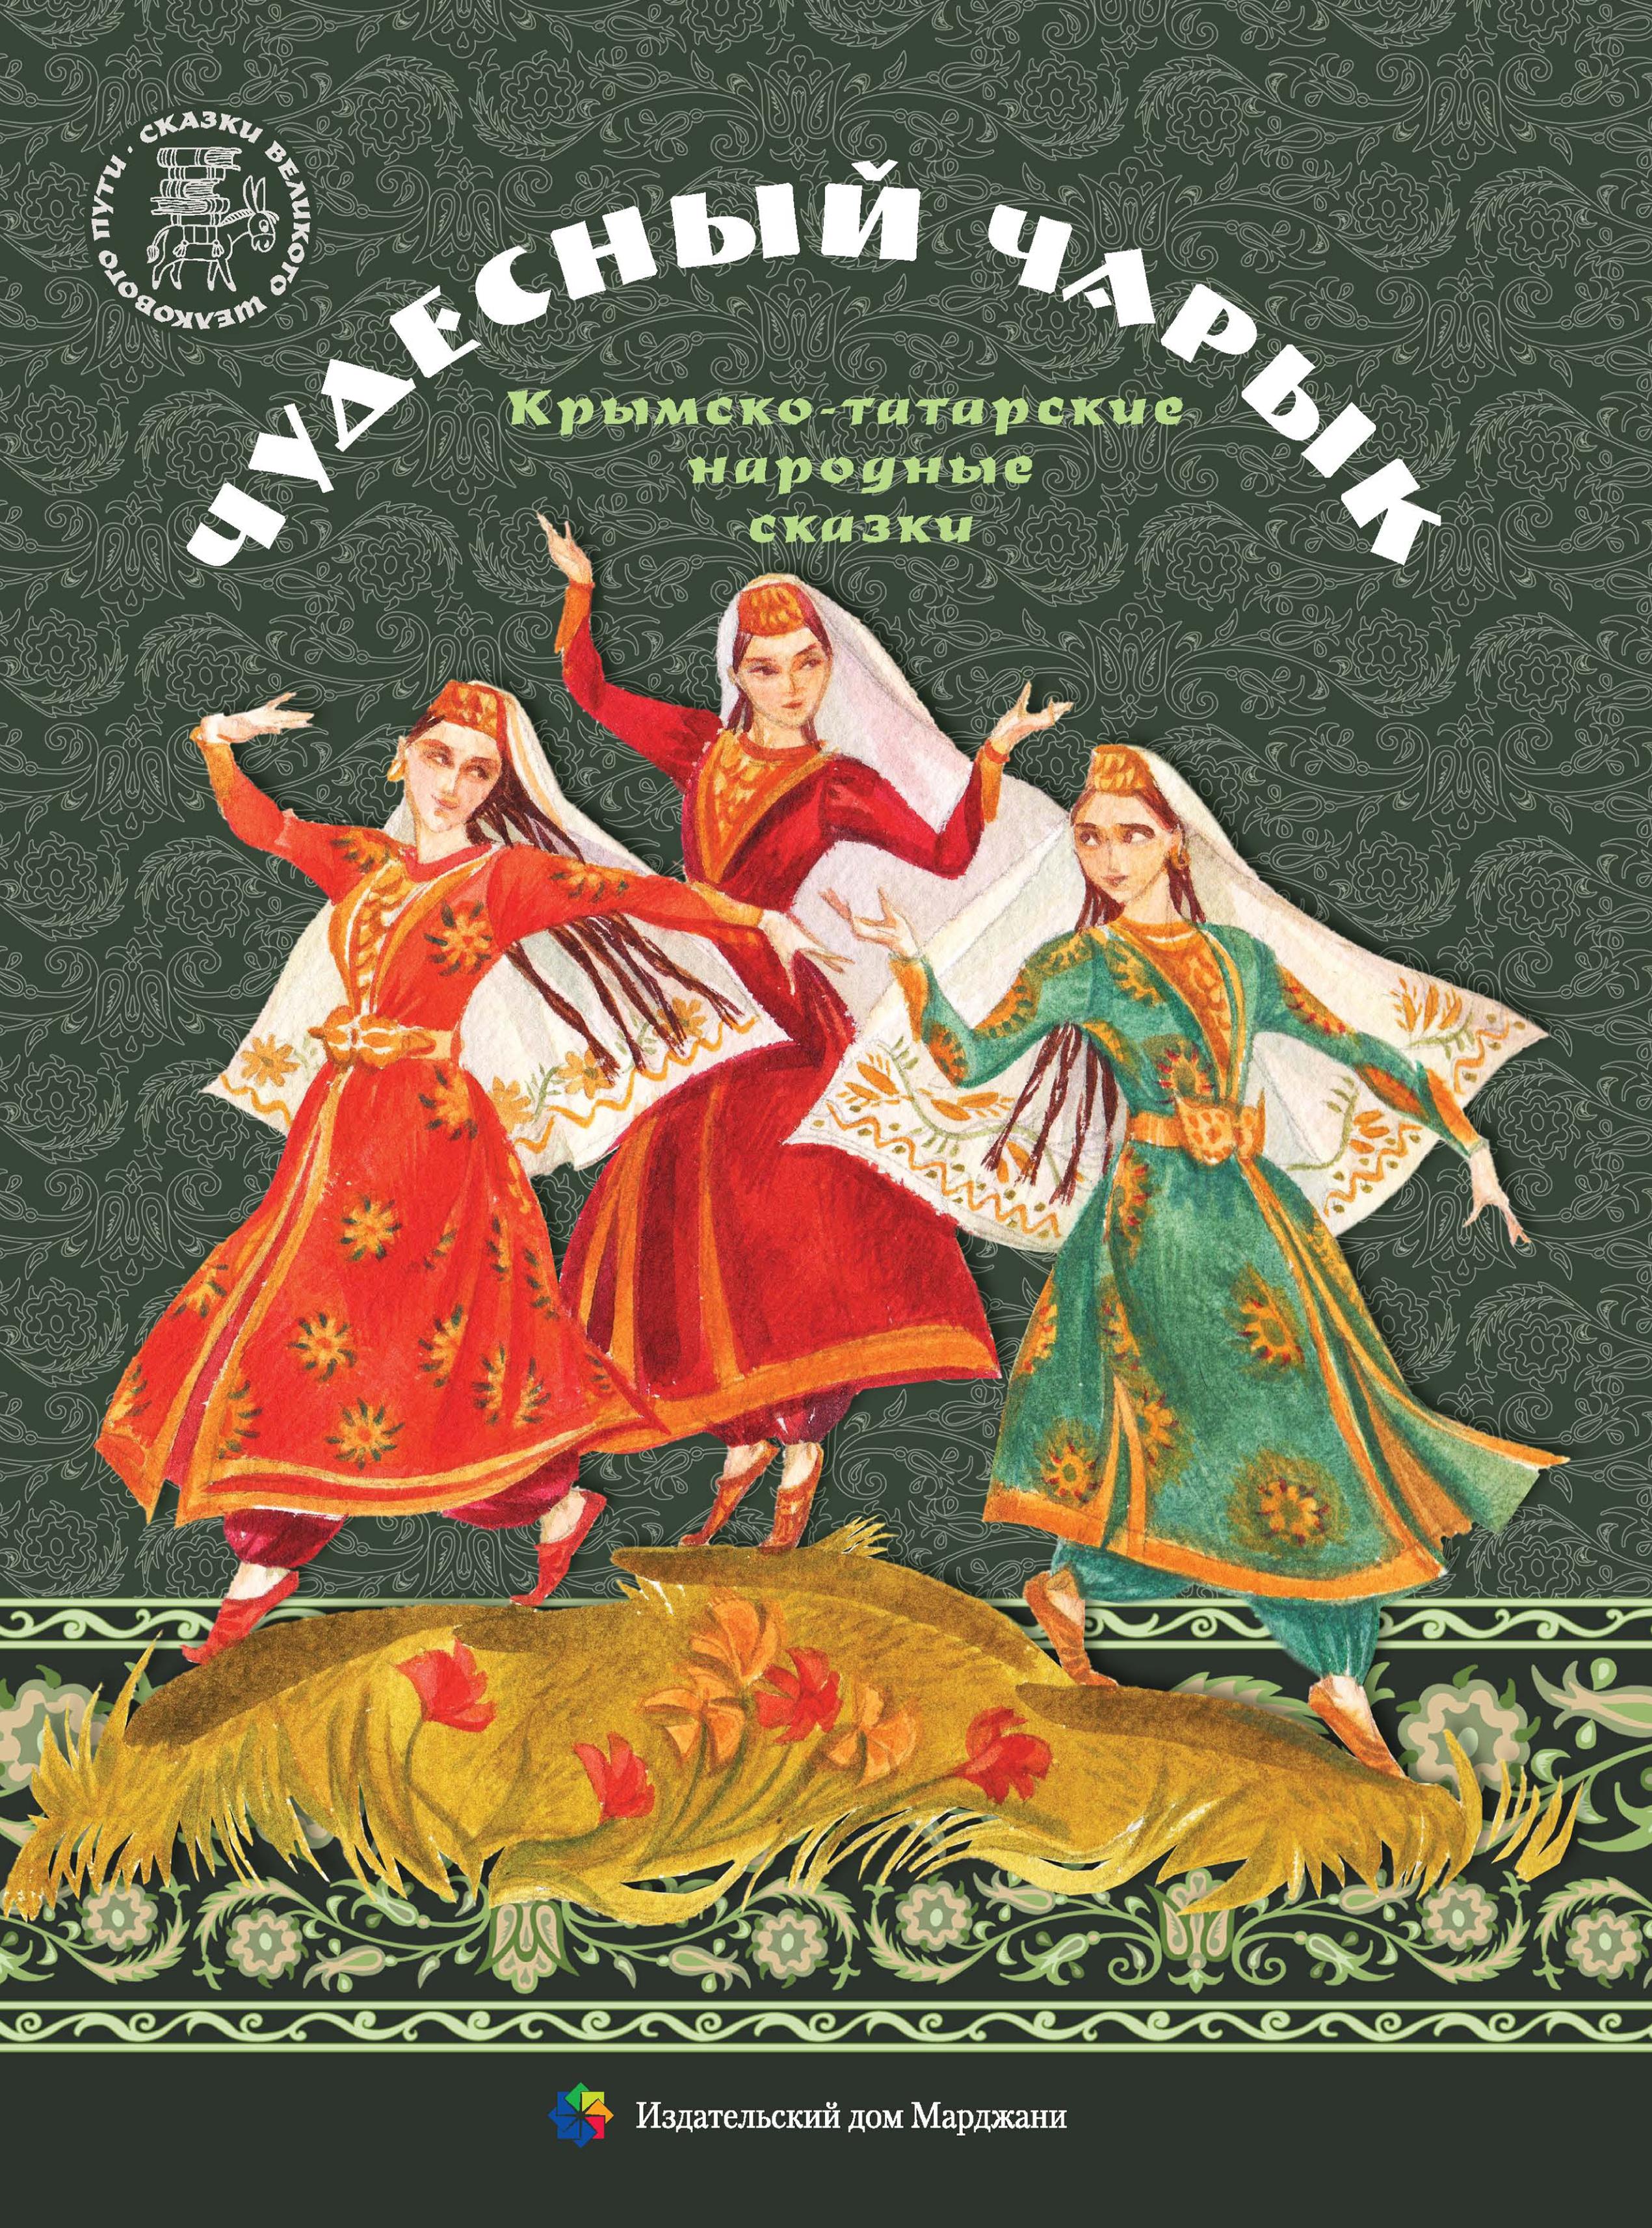 Чудесный чарык. Крымско-татарские народные сказки